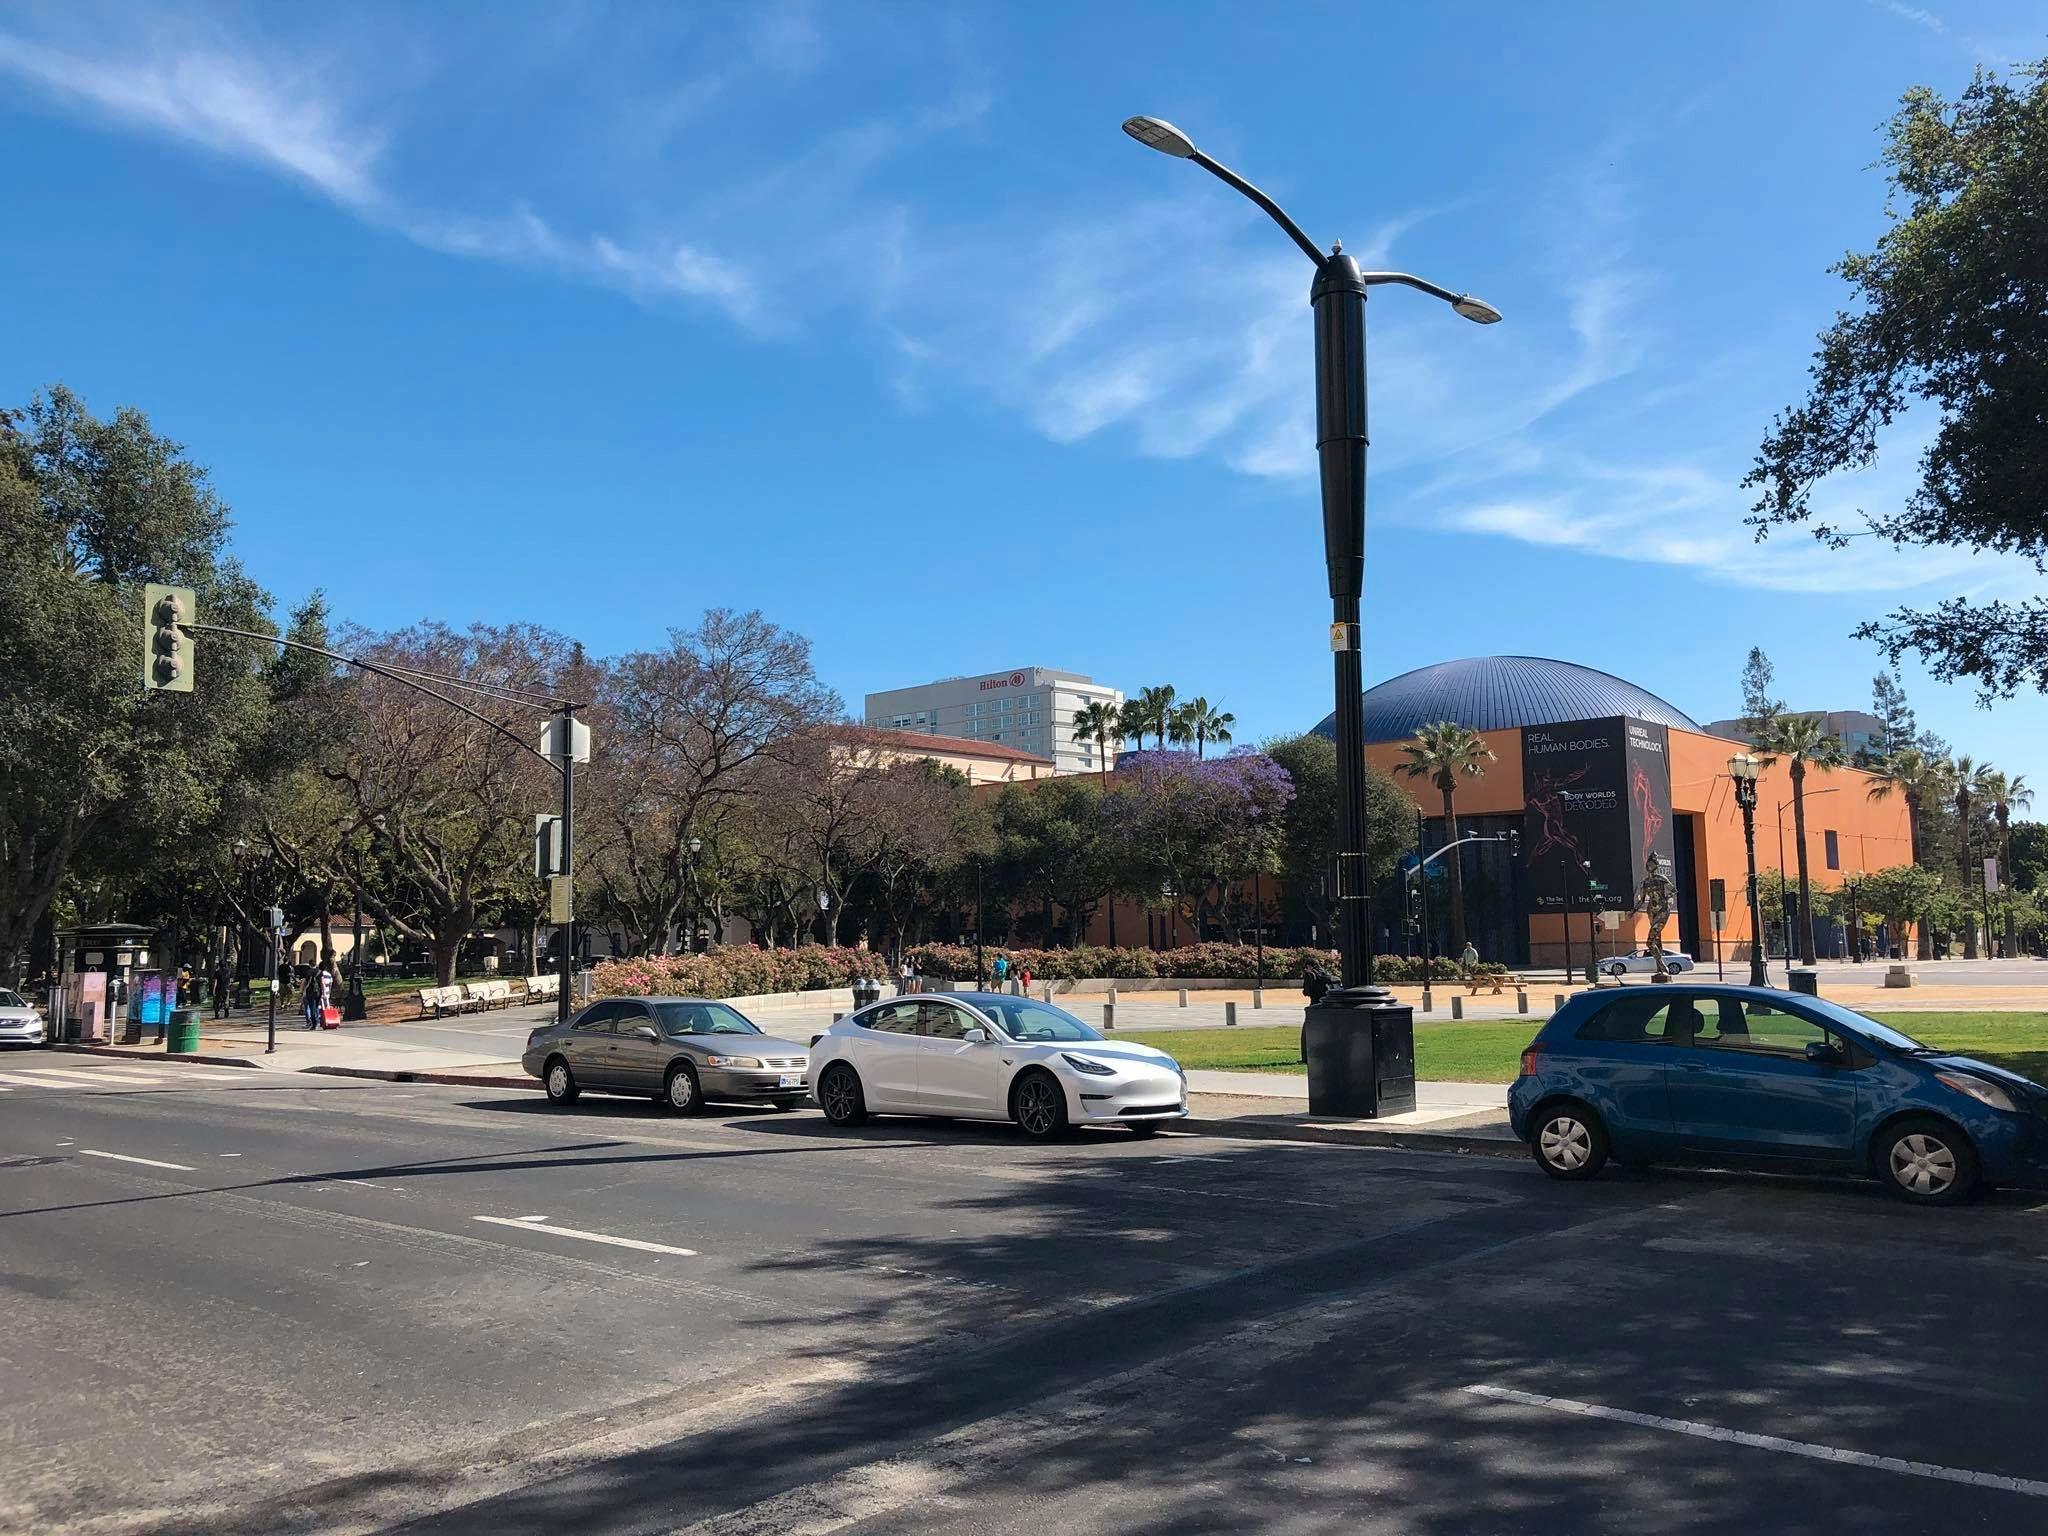 En Tesla Model 3 parkert i San Jose. Selv i Teslas hjemstat, California, er tettheten av Elon Musks biler betydelig lavere enn her hjemme.